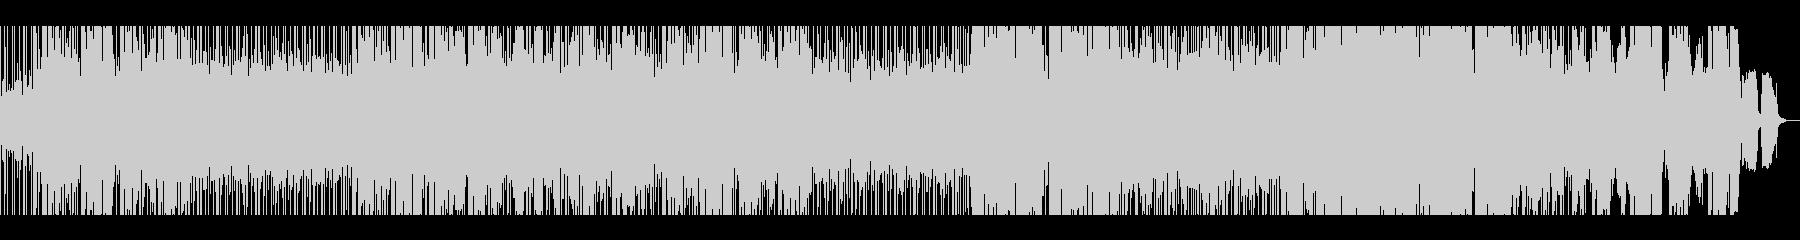 ナイトクラブで演奏されるノリノリナンバーの未再生の波形